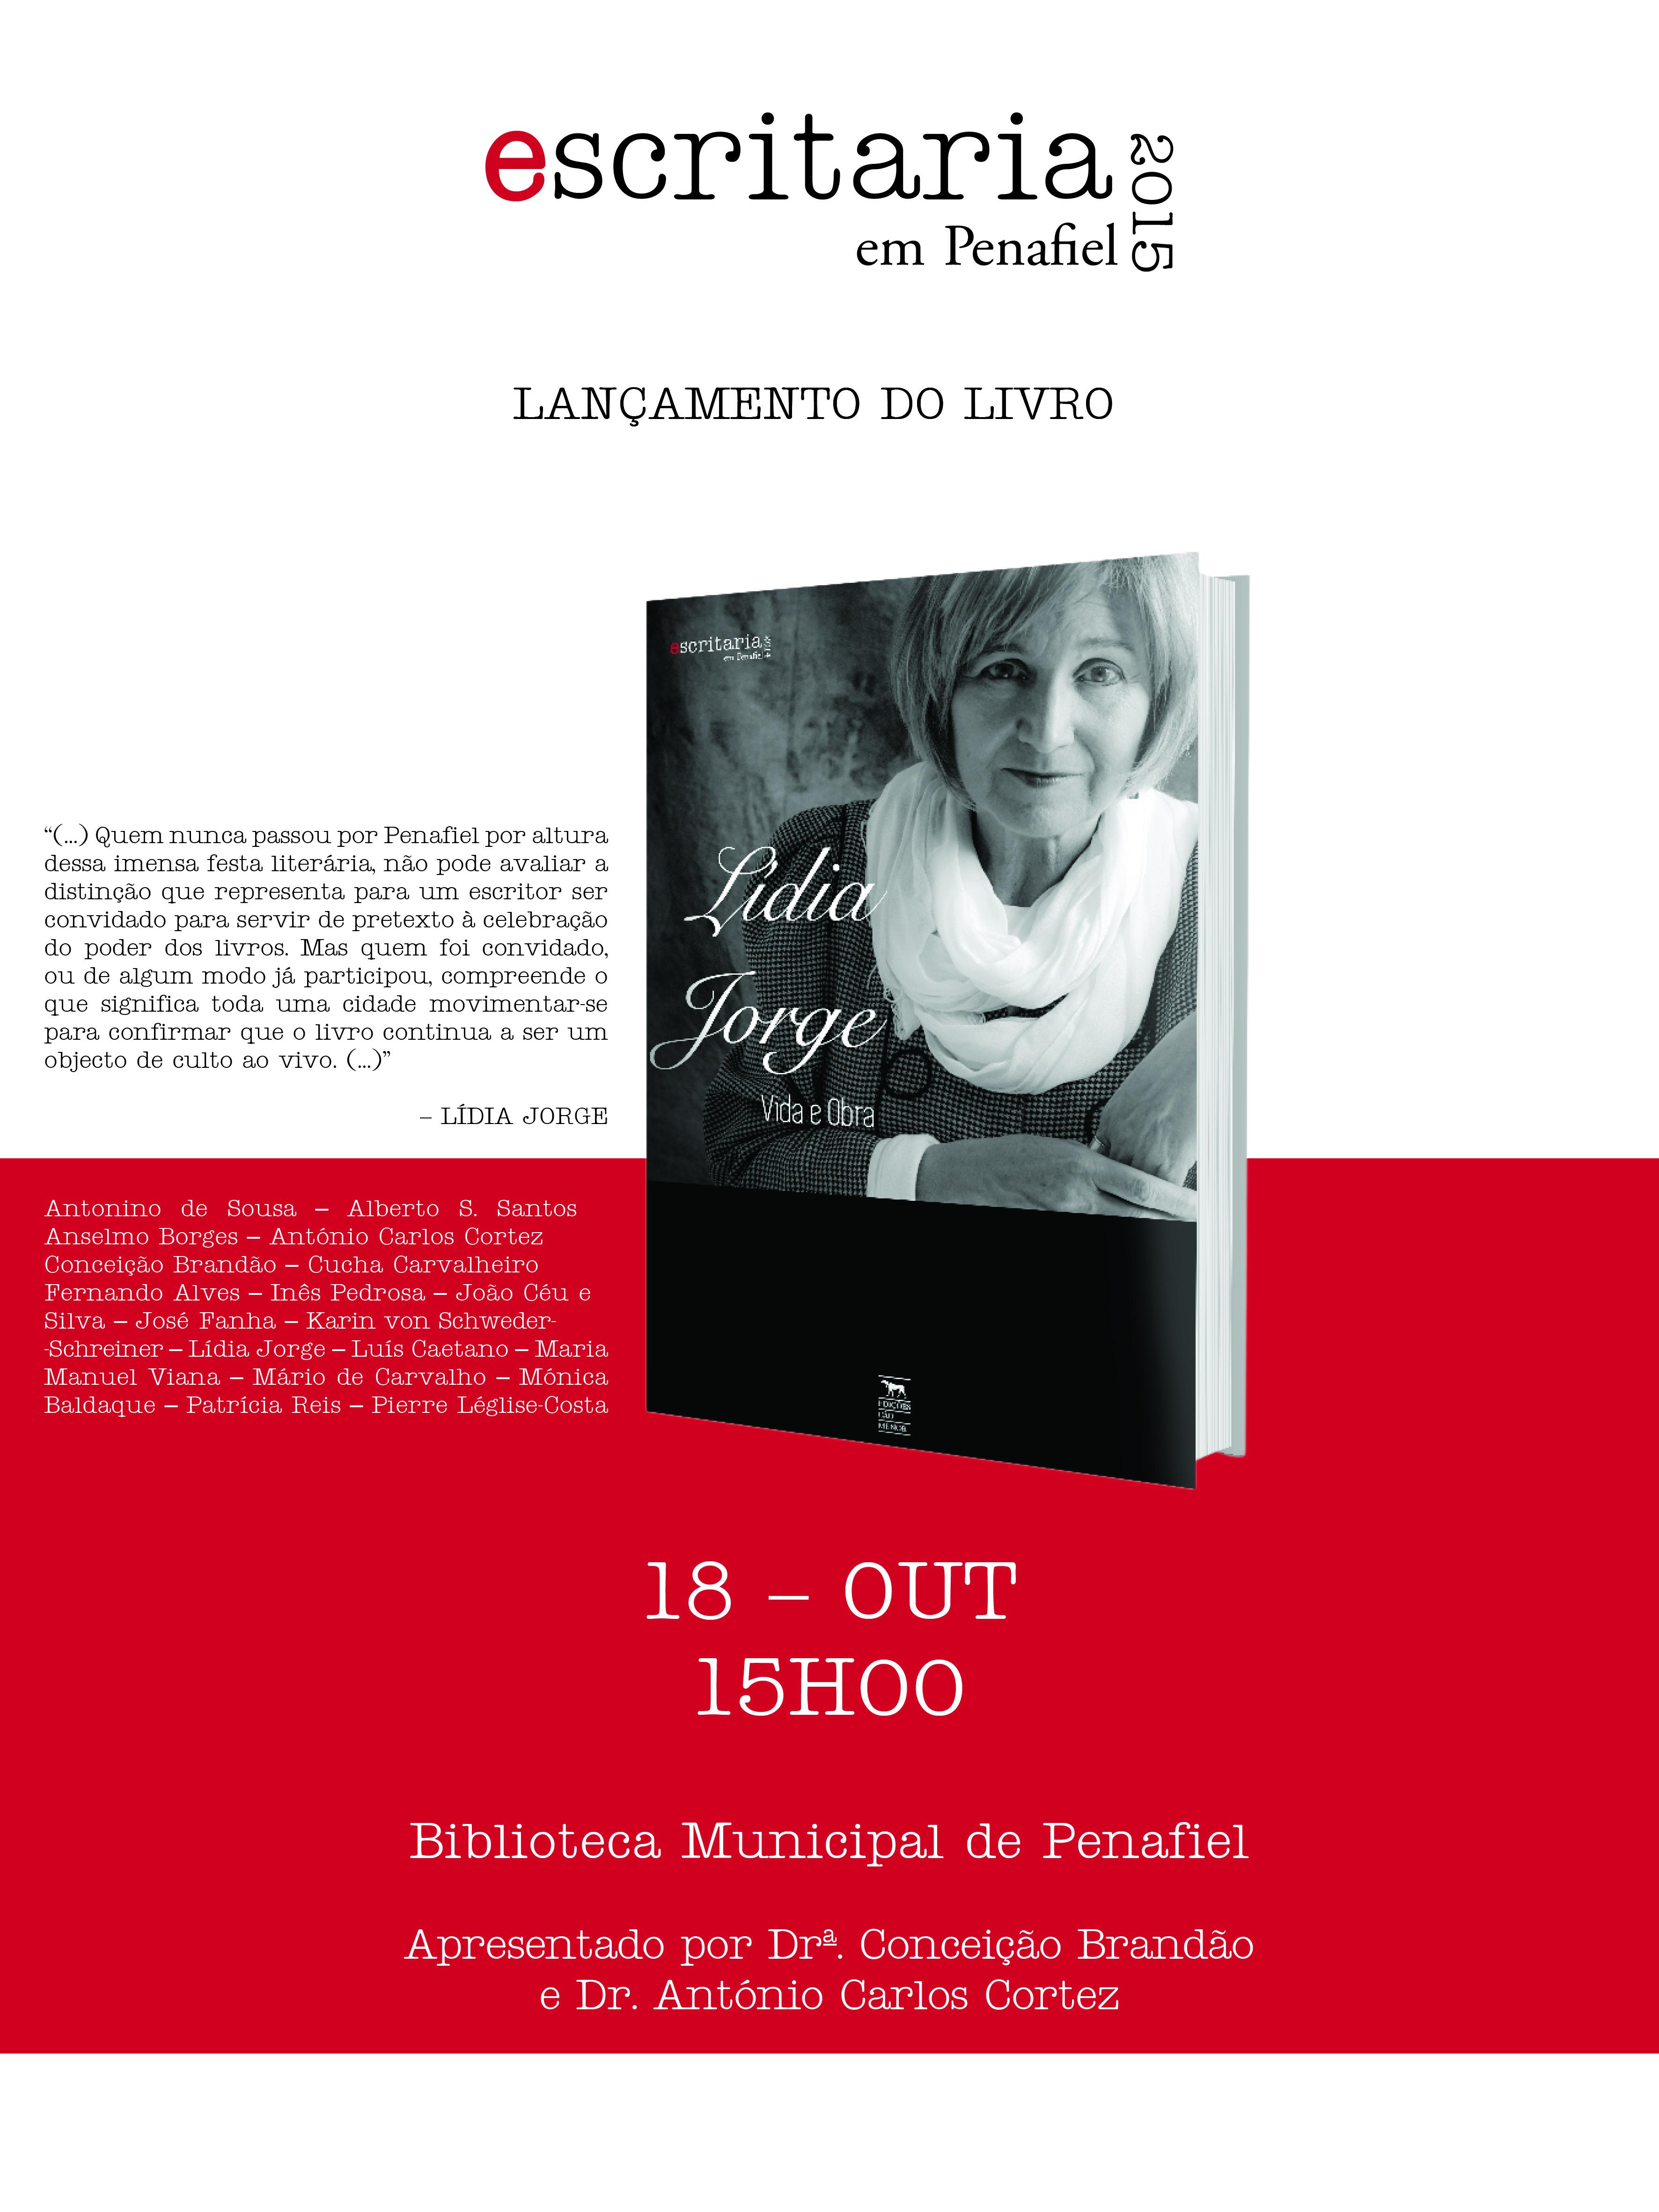 """No âmbito da Escritaria 2015 – lançamento do livro """"Escritaria 2014 – Lídia Jorge, vida e obra"""""""